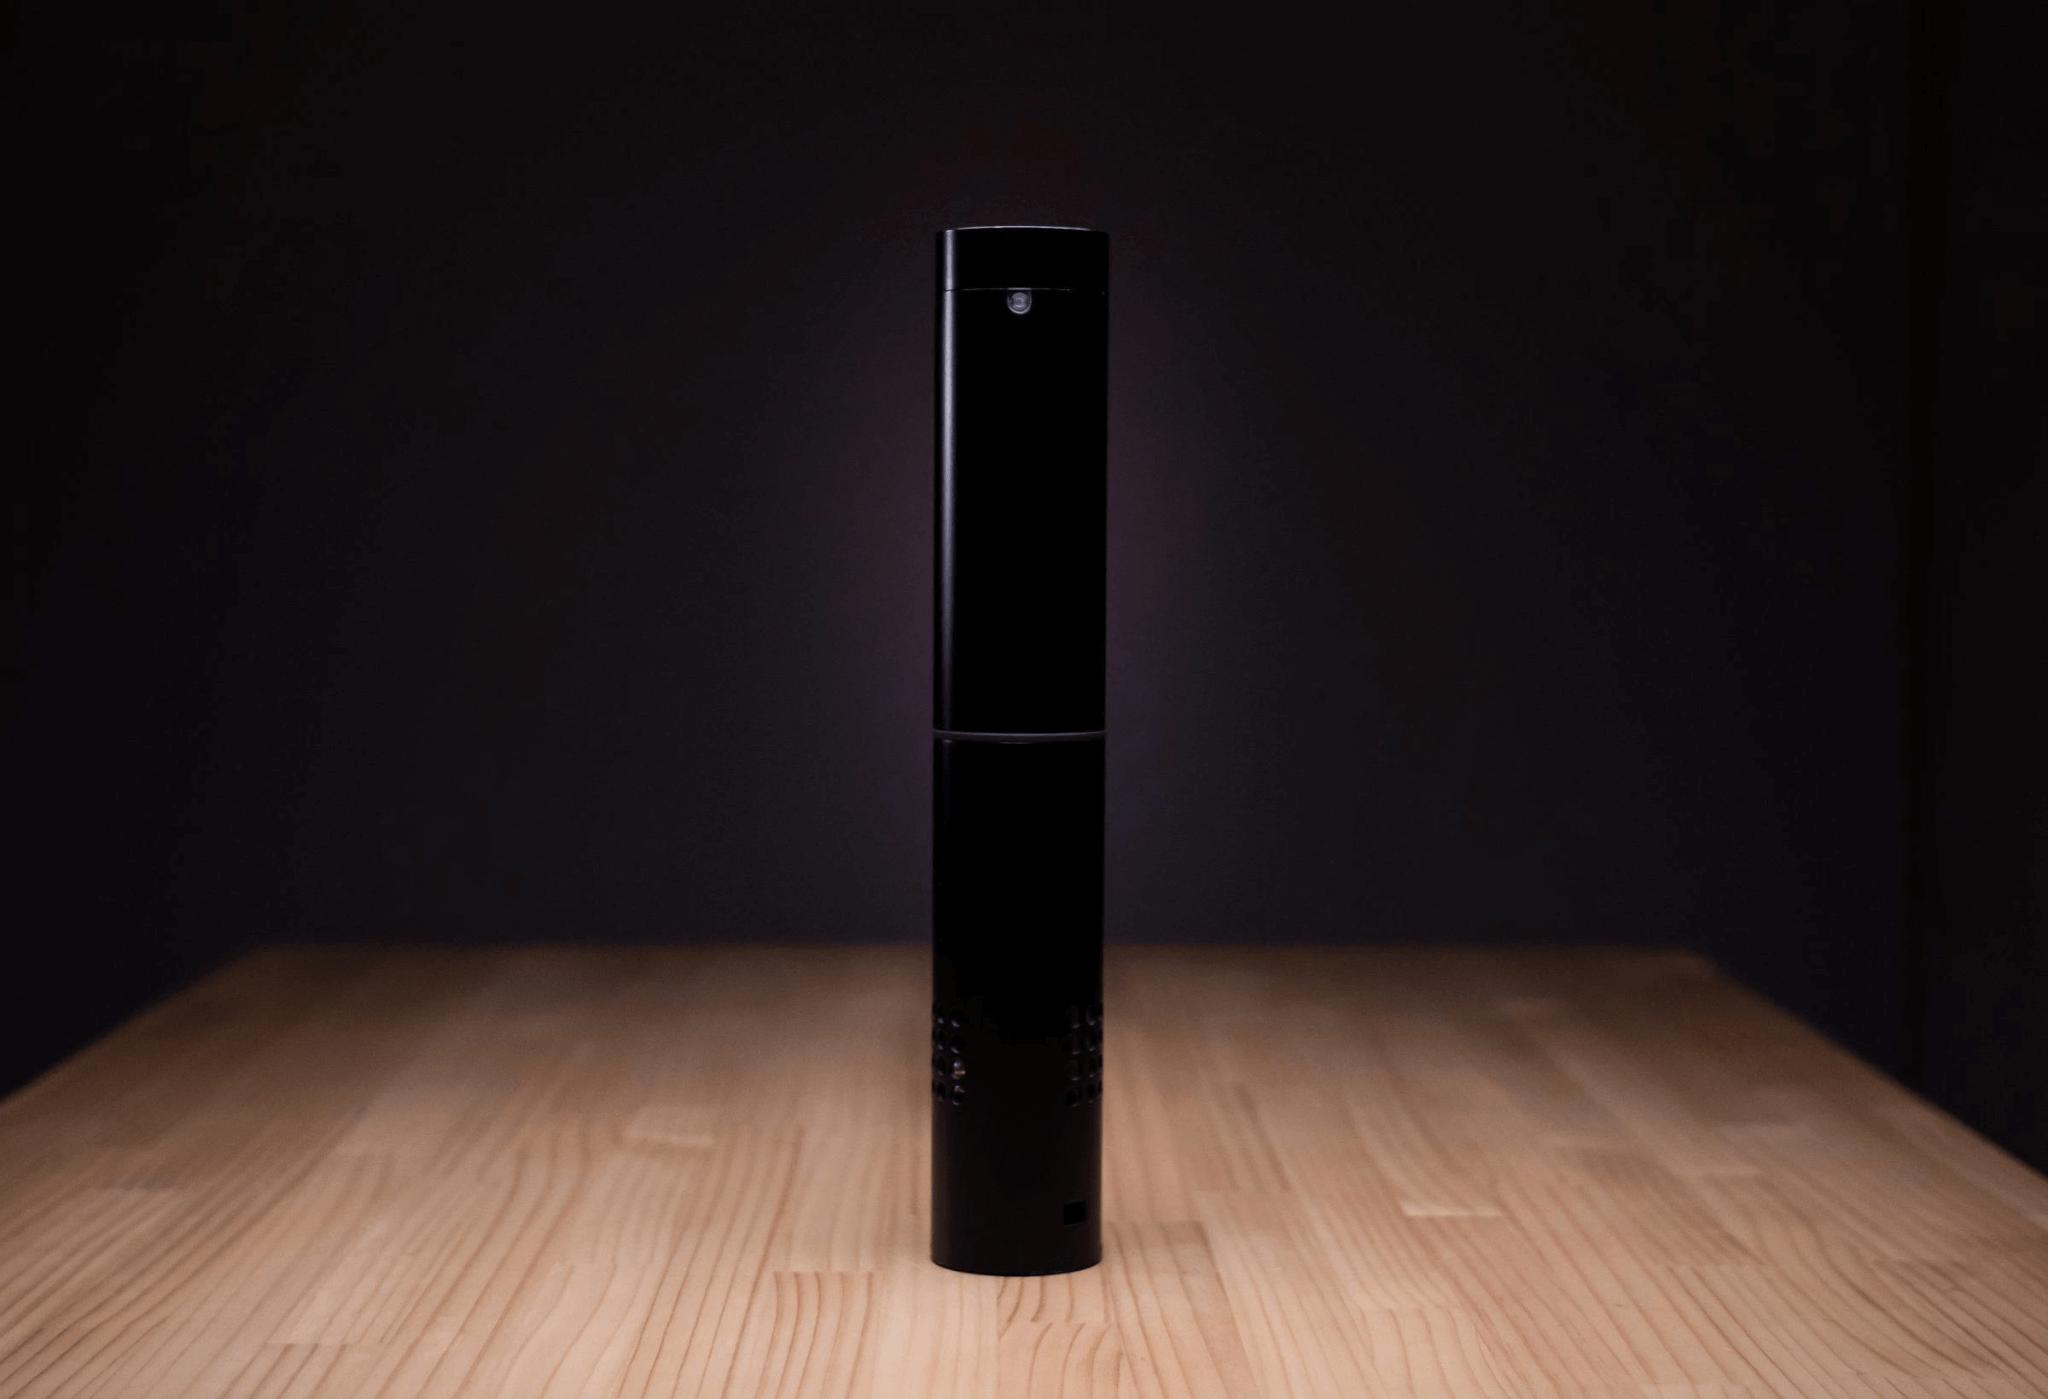 プロ仕様の低温調理器「BONIQ Pro (ボニークプロ)」スタイリッシュなデザイン